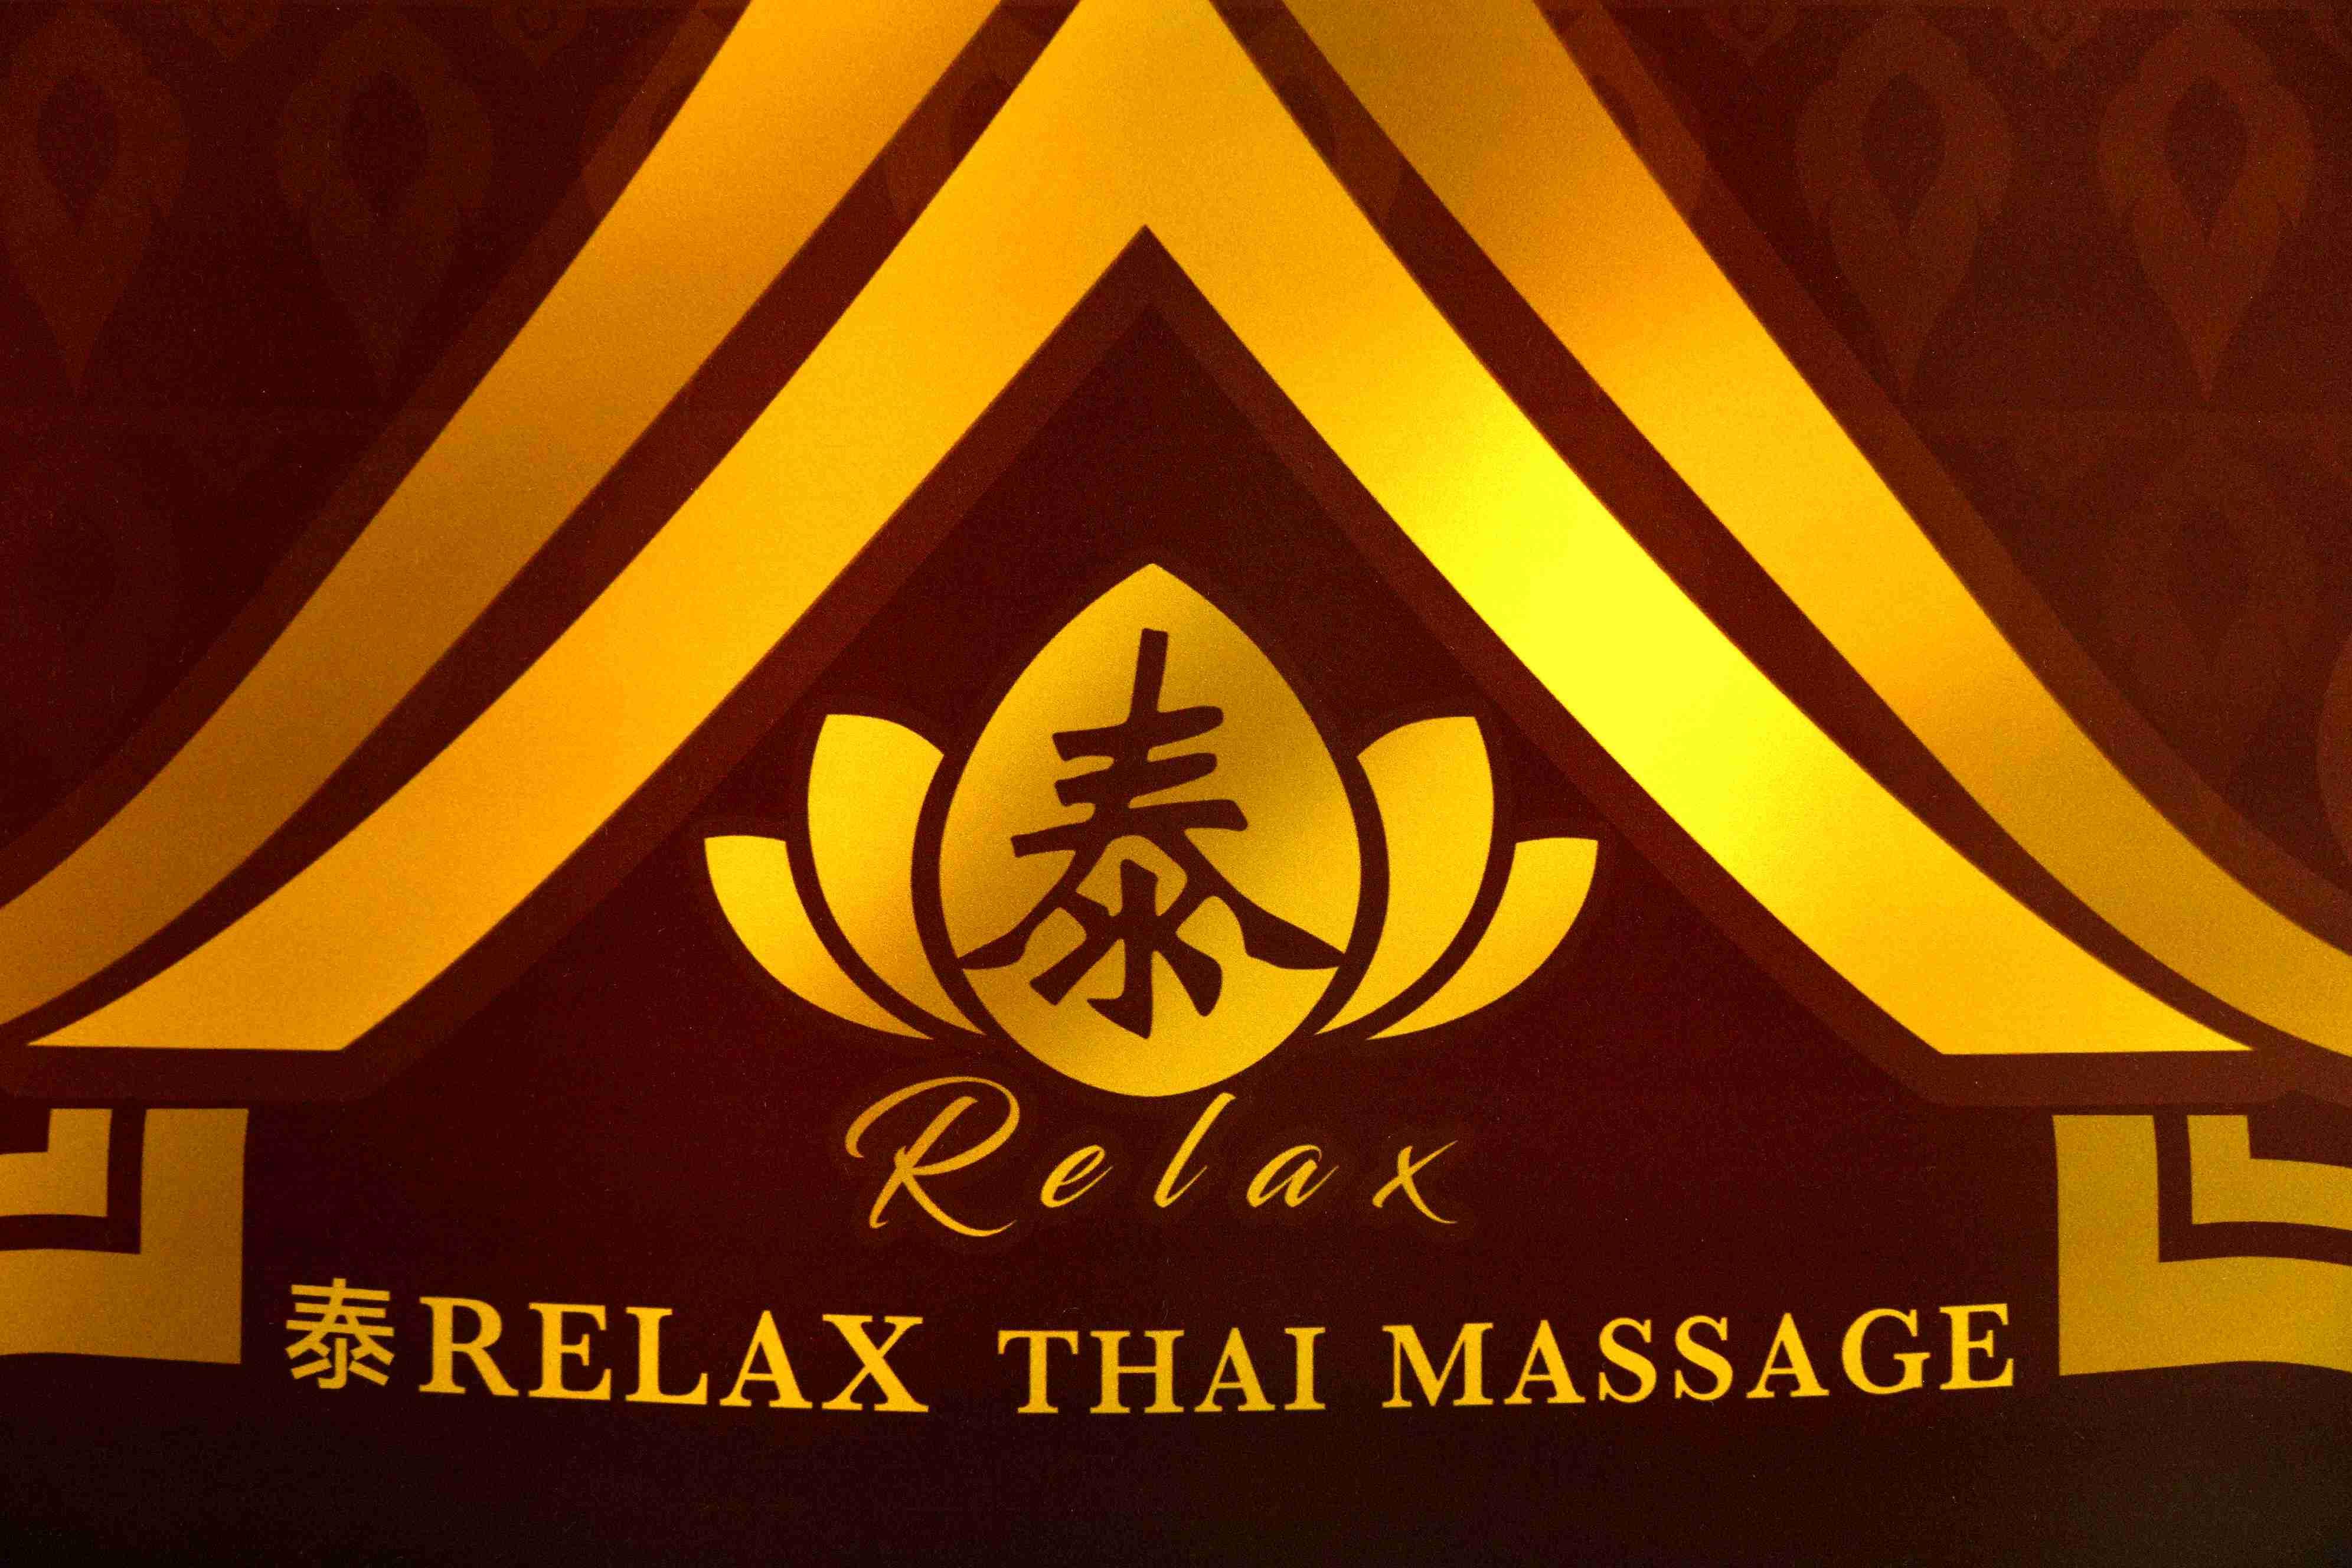 Thai Relax